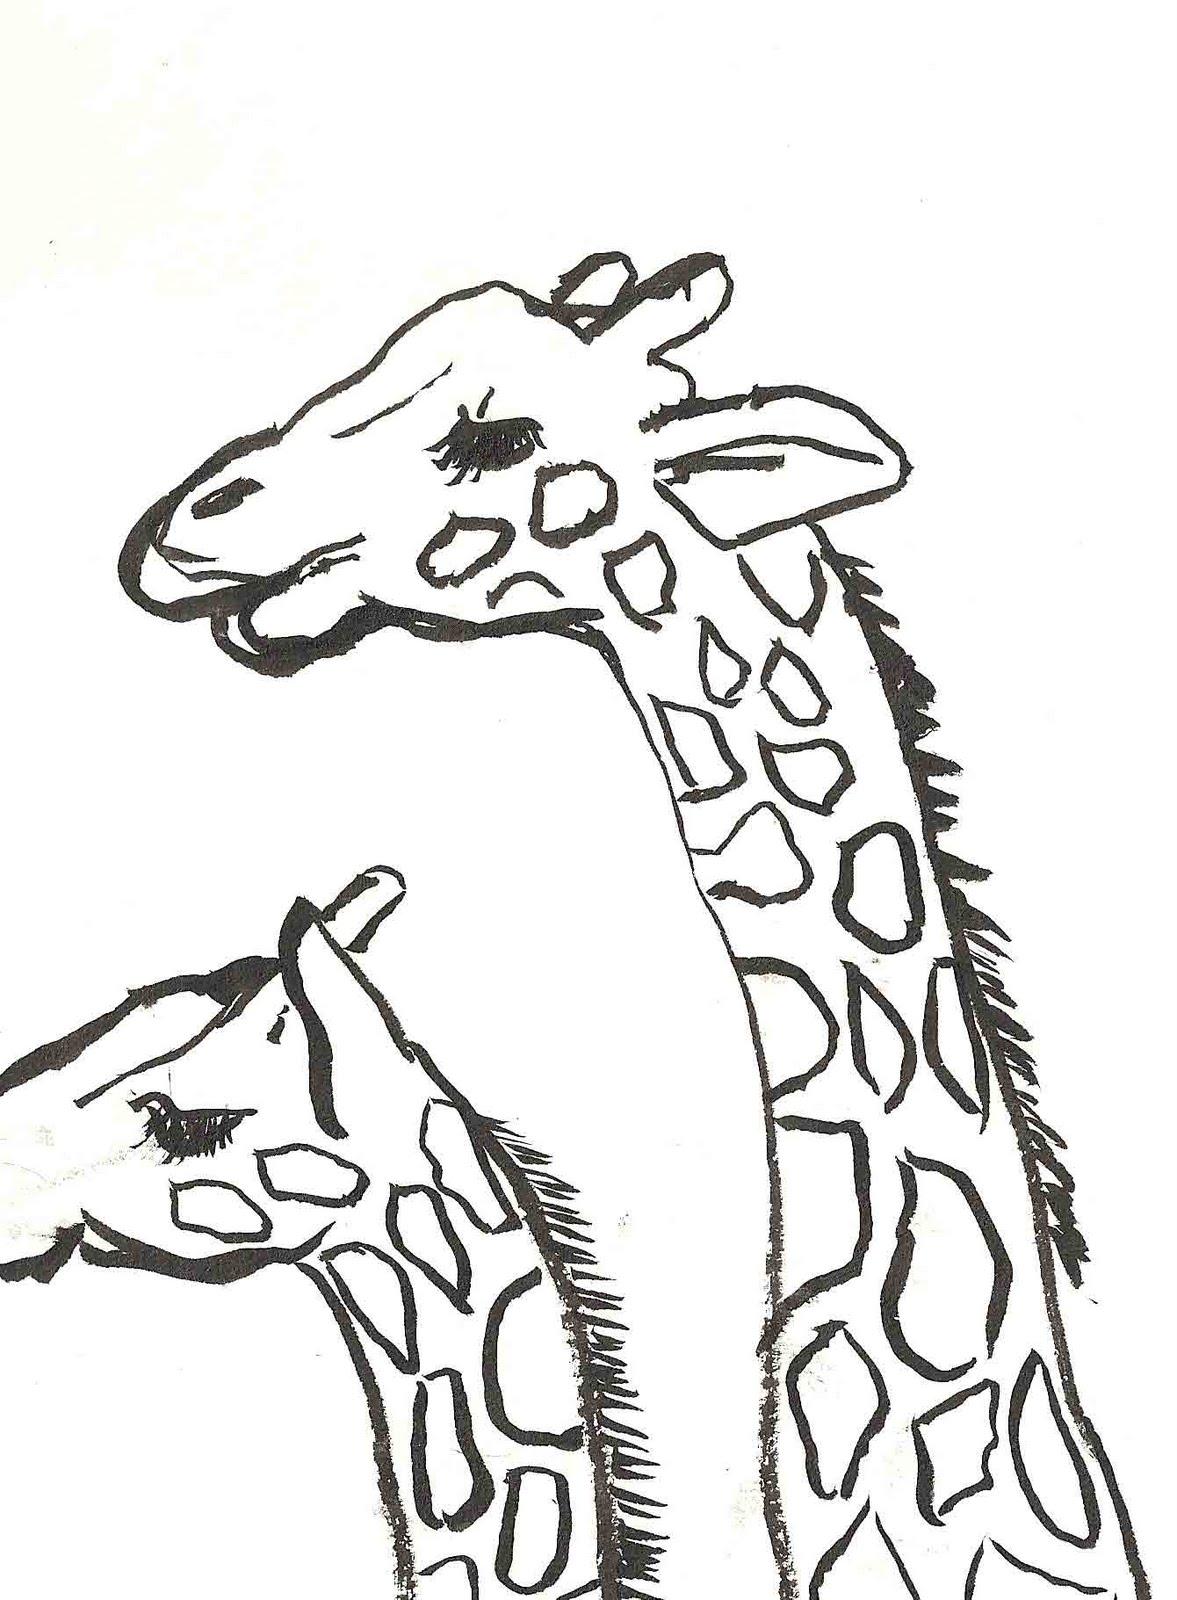 Pics For Gt Baby Giraffe Sketch